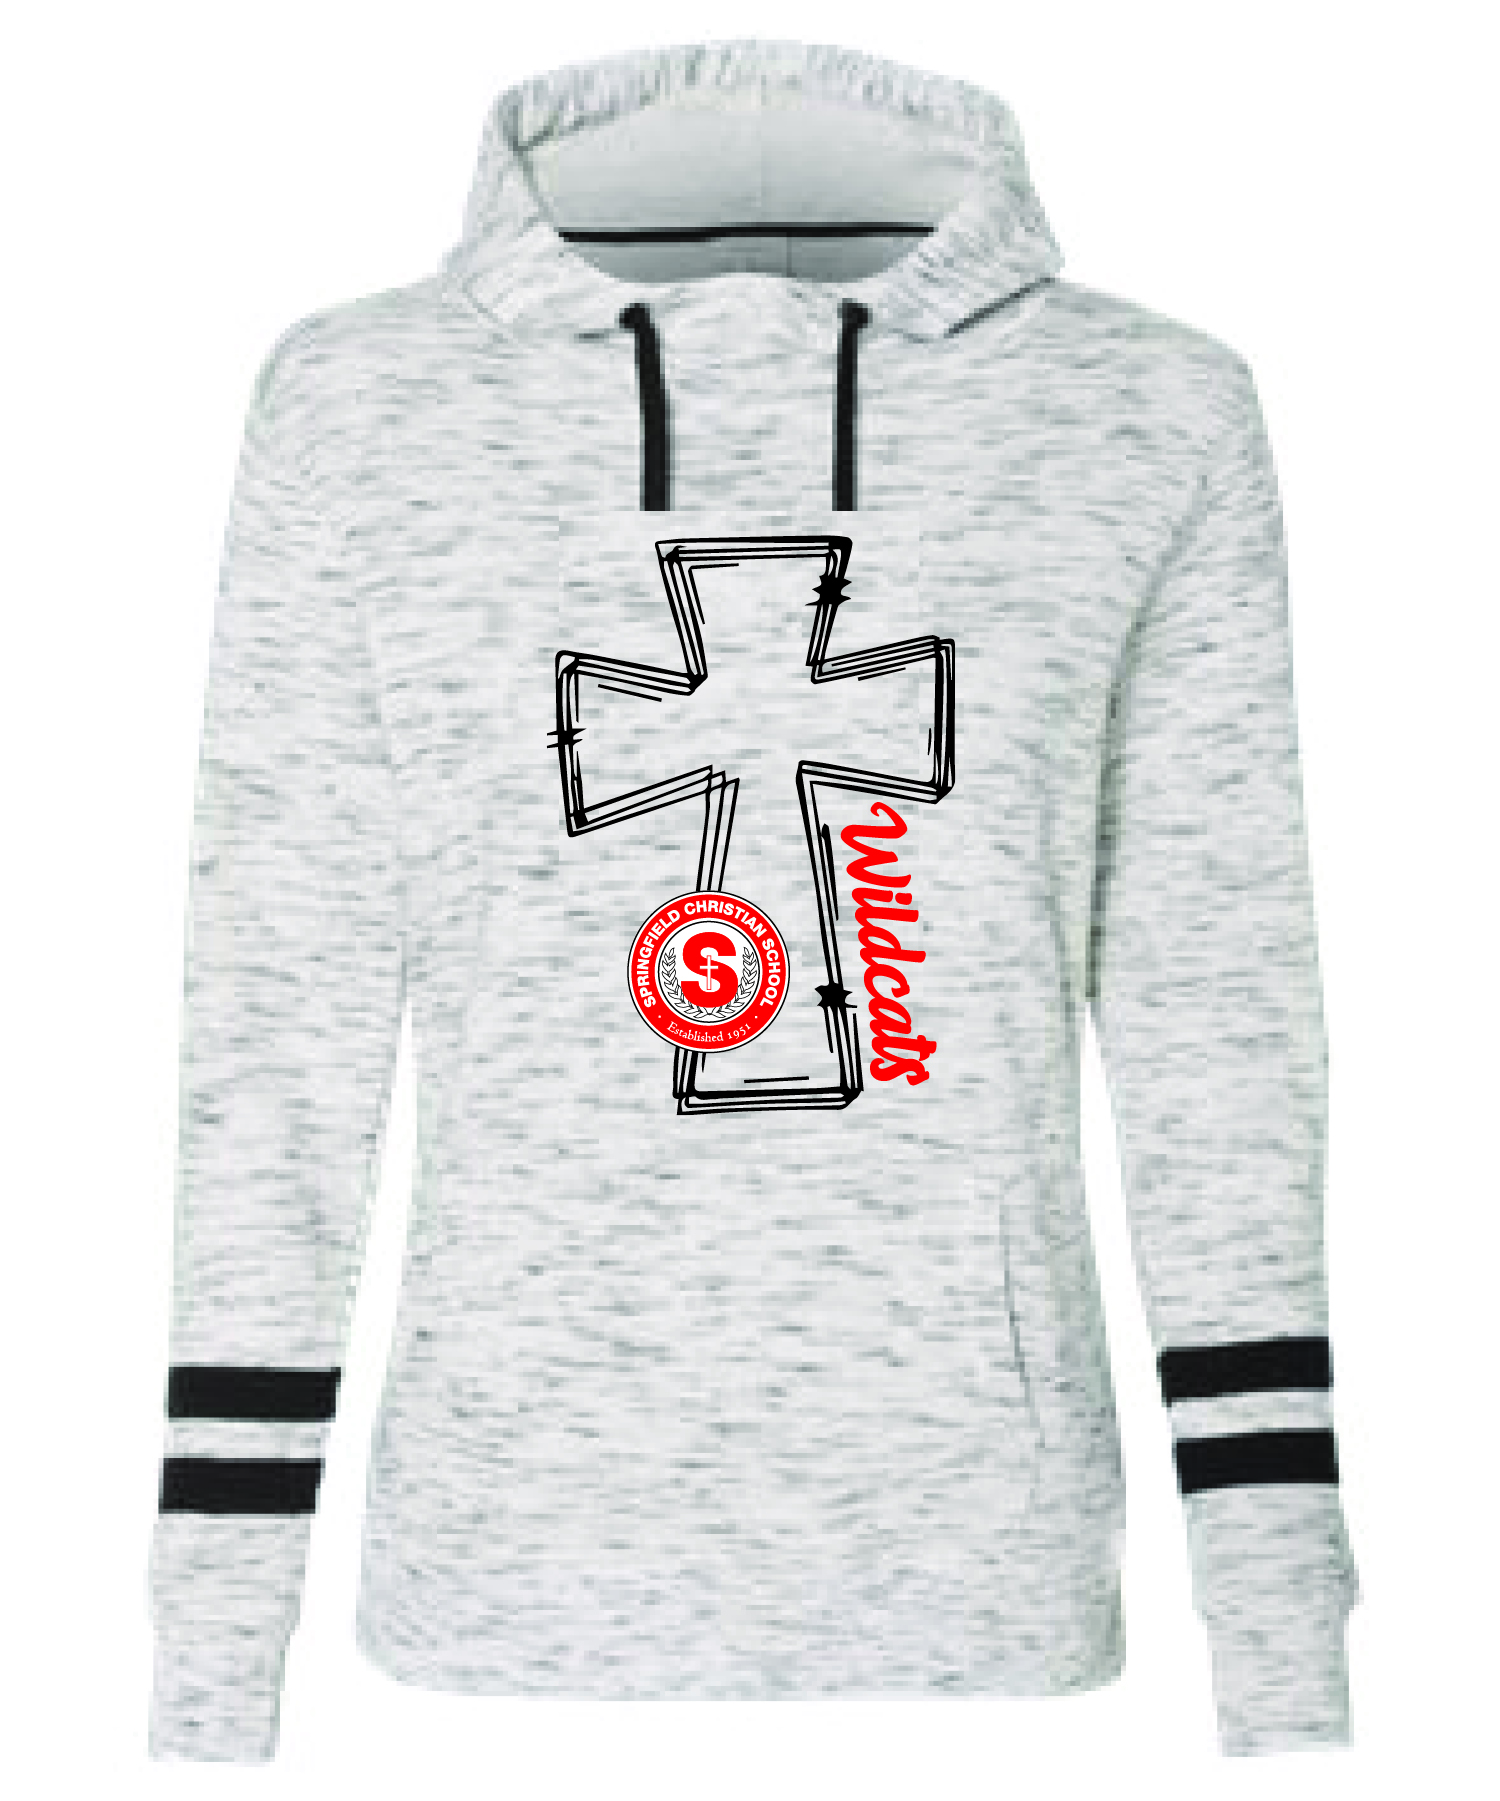 J. America - Fleece Striped-Sleeve Hooded Sweatshirt (WOMENS) CROSS LOGO